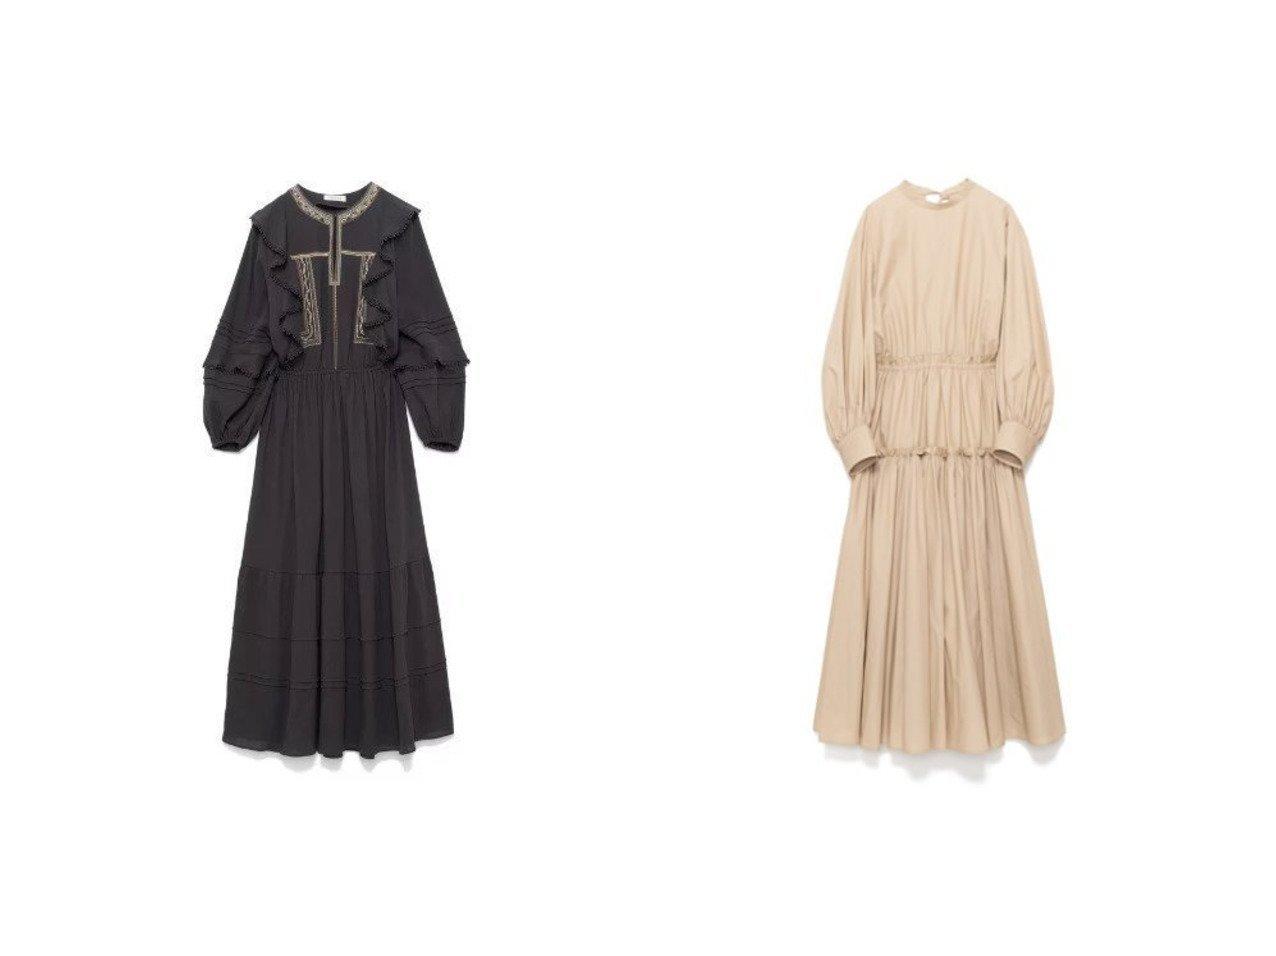 【CASA FLINE/カーサフライン】のカラーエンブロイダリードレス&ボリュームスリーブギャザードレス CASA FLINEのおすすめ!人気、トレンド・レディースファッションの通販 おすすめで人気の流行・トレンド、ファッションの通販商品 メンズファッション・キッズファッション・インテリア・家具・レディースファッション・服の通販 founy(ファニー) https://founy.com/ ファッション Fashion レディースファッション WOMEN ワンピース Dress ドレス Party Dresses カラフル ティアード フリル 長袖 |ID:crp329100000018051